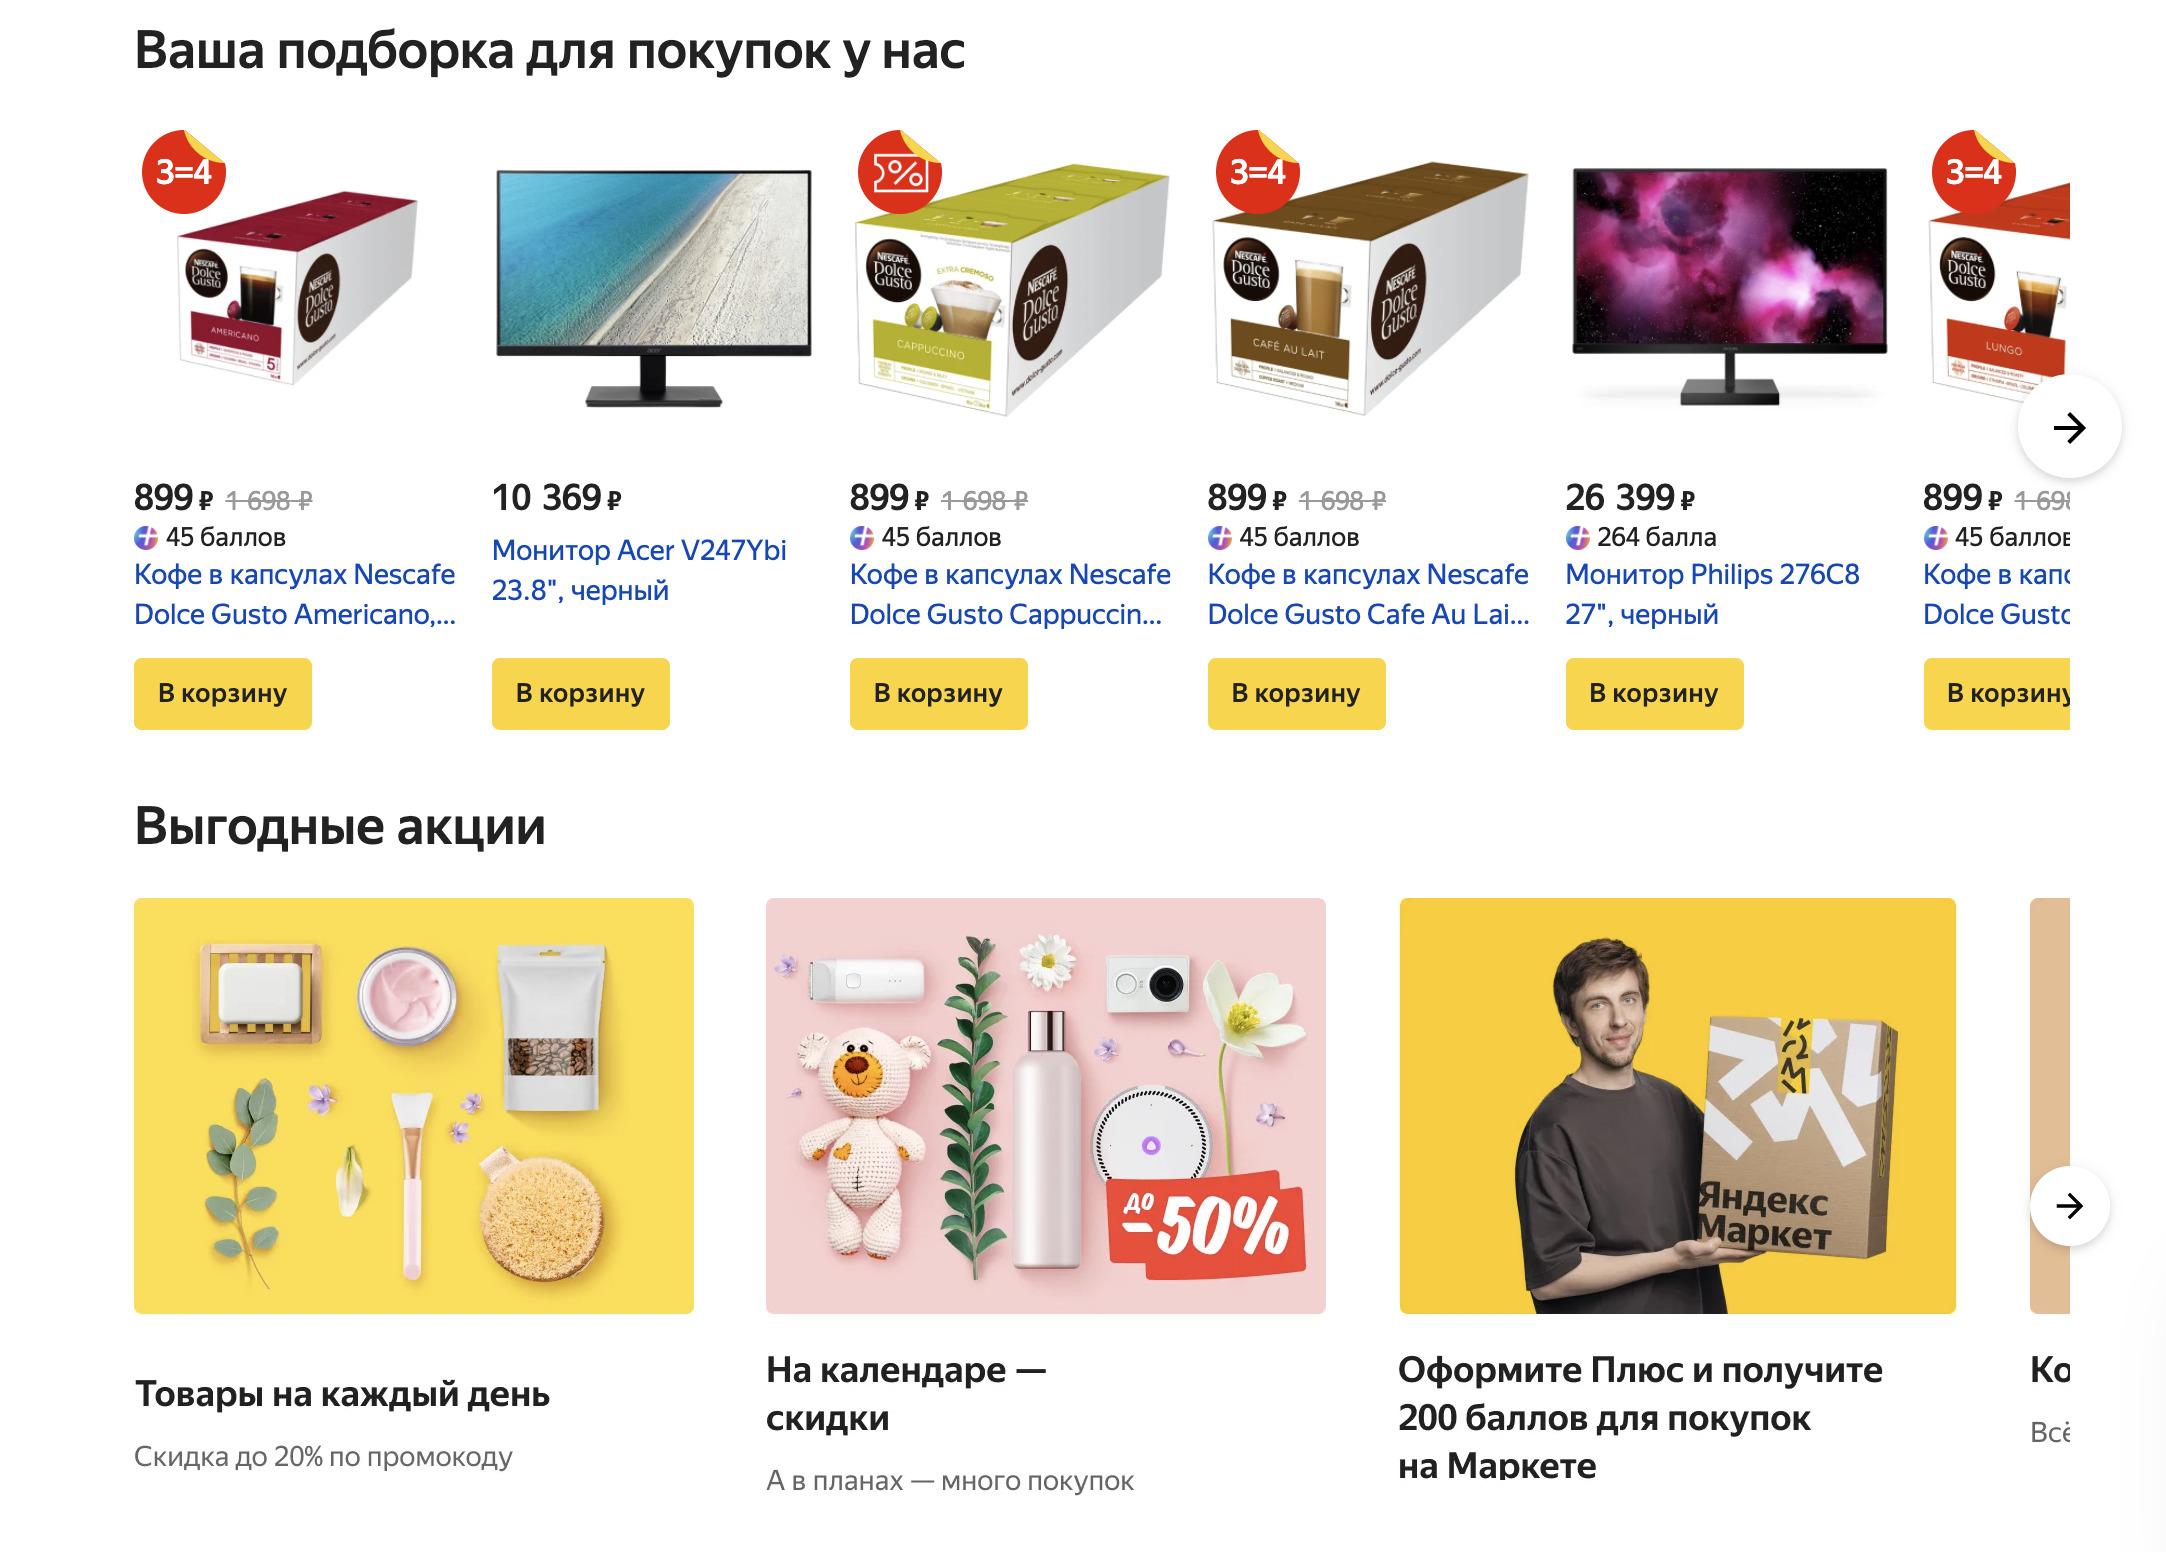 Доставка из Яндекс.Маркет в Минеральные Воды, сроки, пункты выдачи, каталог